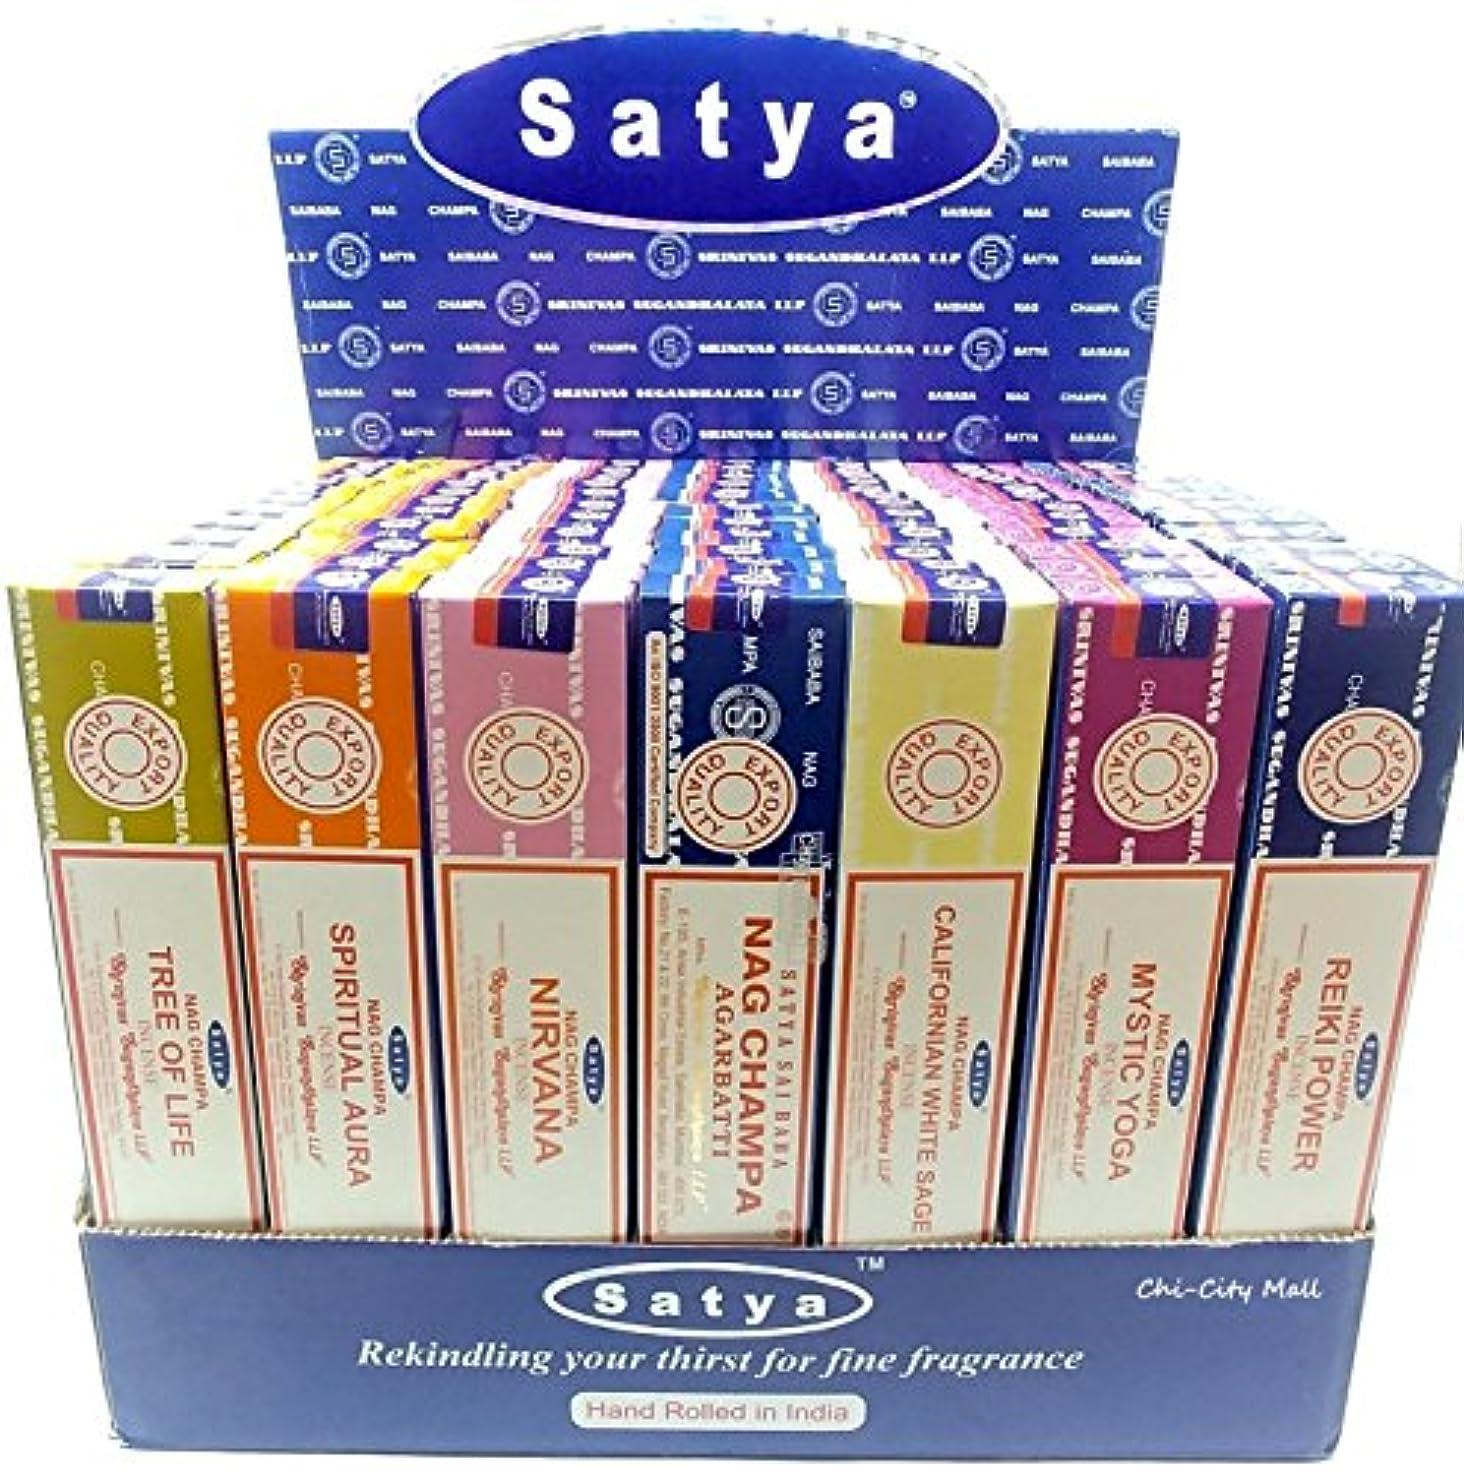 アナウンサーベスビオ山マイコンchi-city Mall (7-pack/105g) – Satya Nag Champa Incense Sticks |詰め合わせギフトセットシリーズ| hand-rolled Agarbatti | Sai Baba...